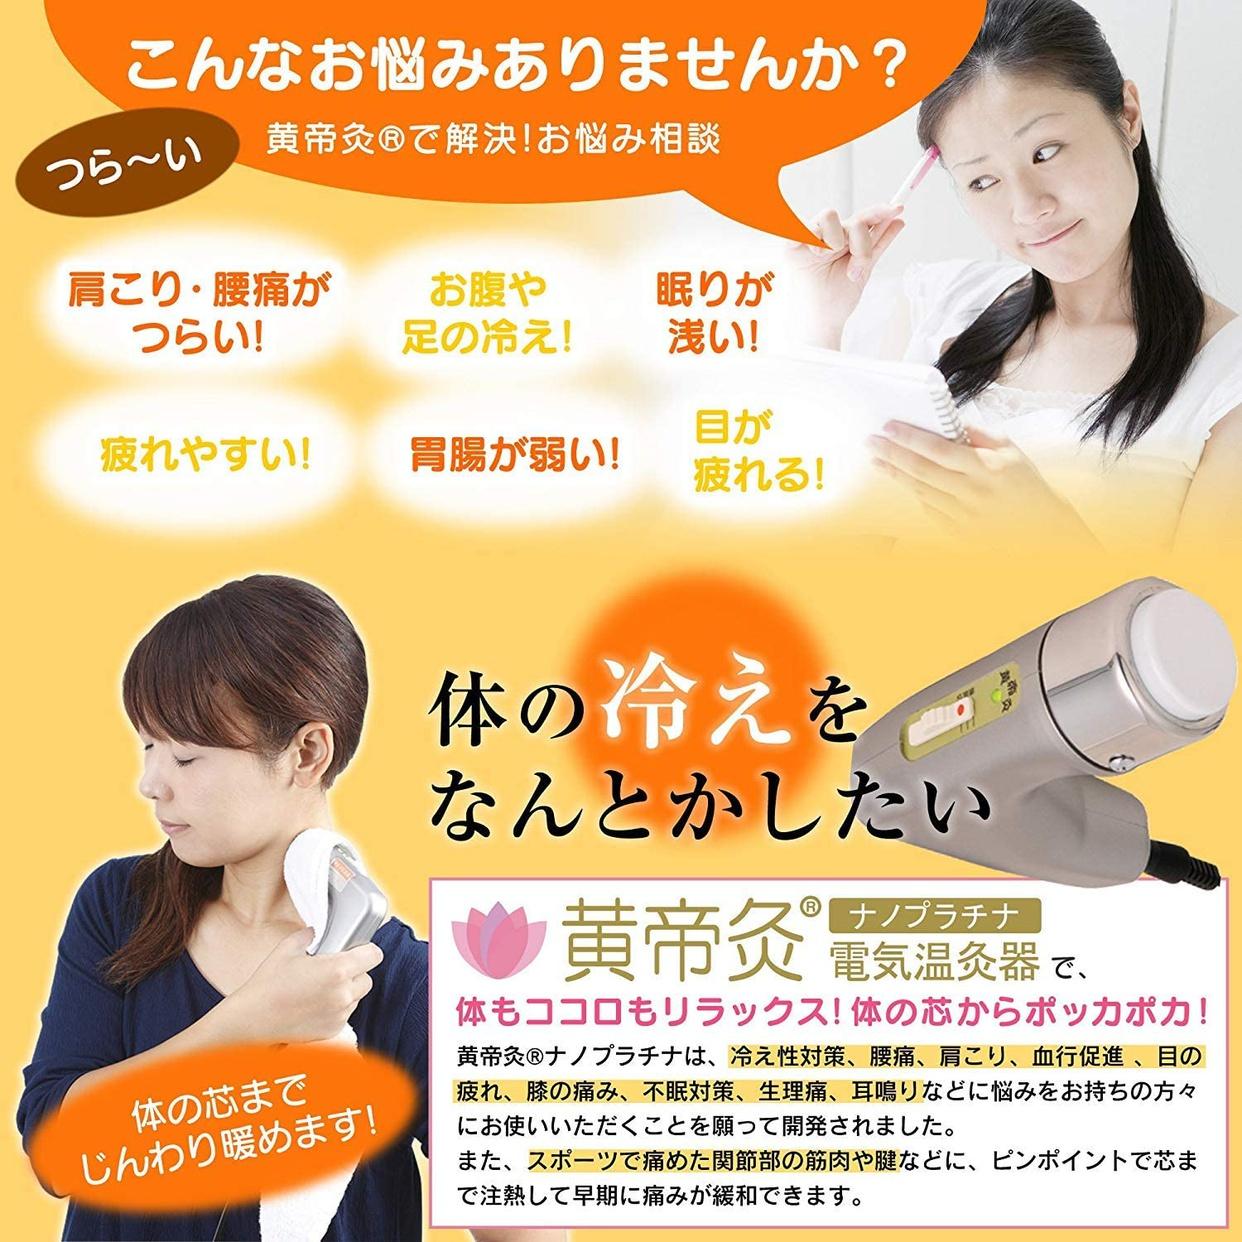 黄帝灸 ナノプラチナ II型 電気温灸器の商品画像2